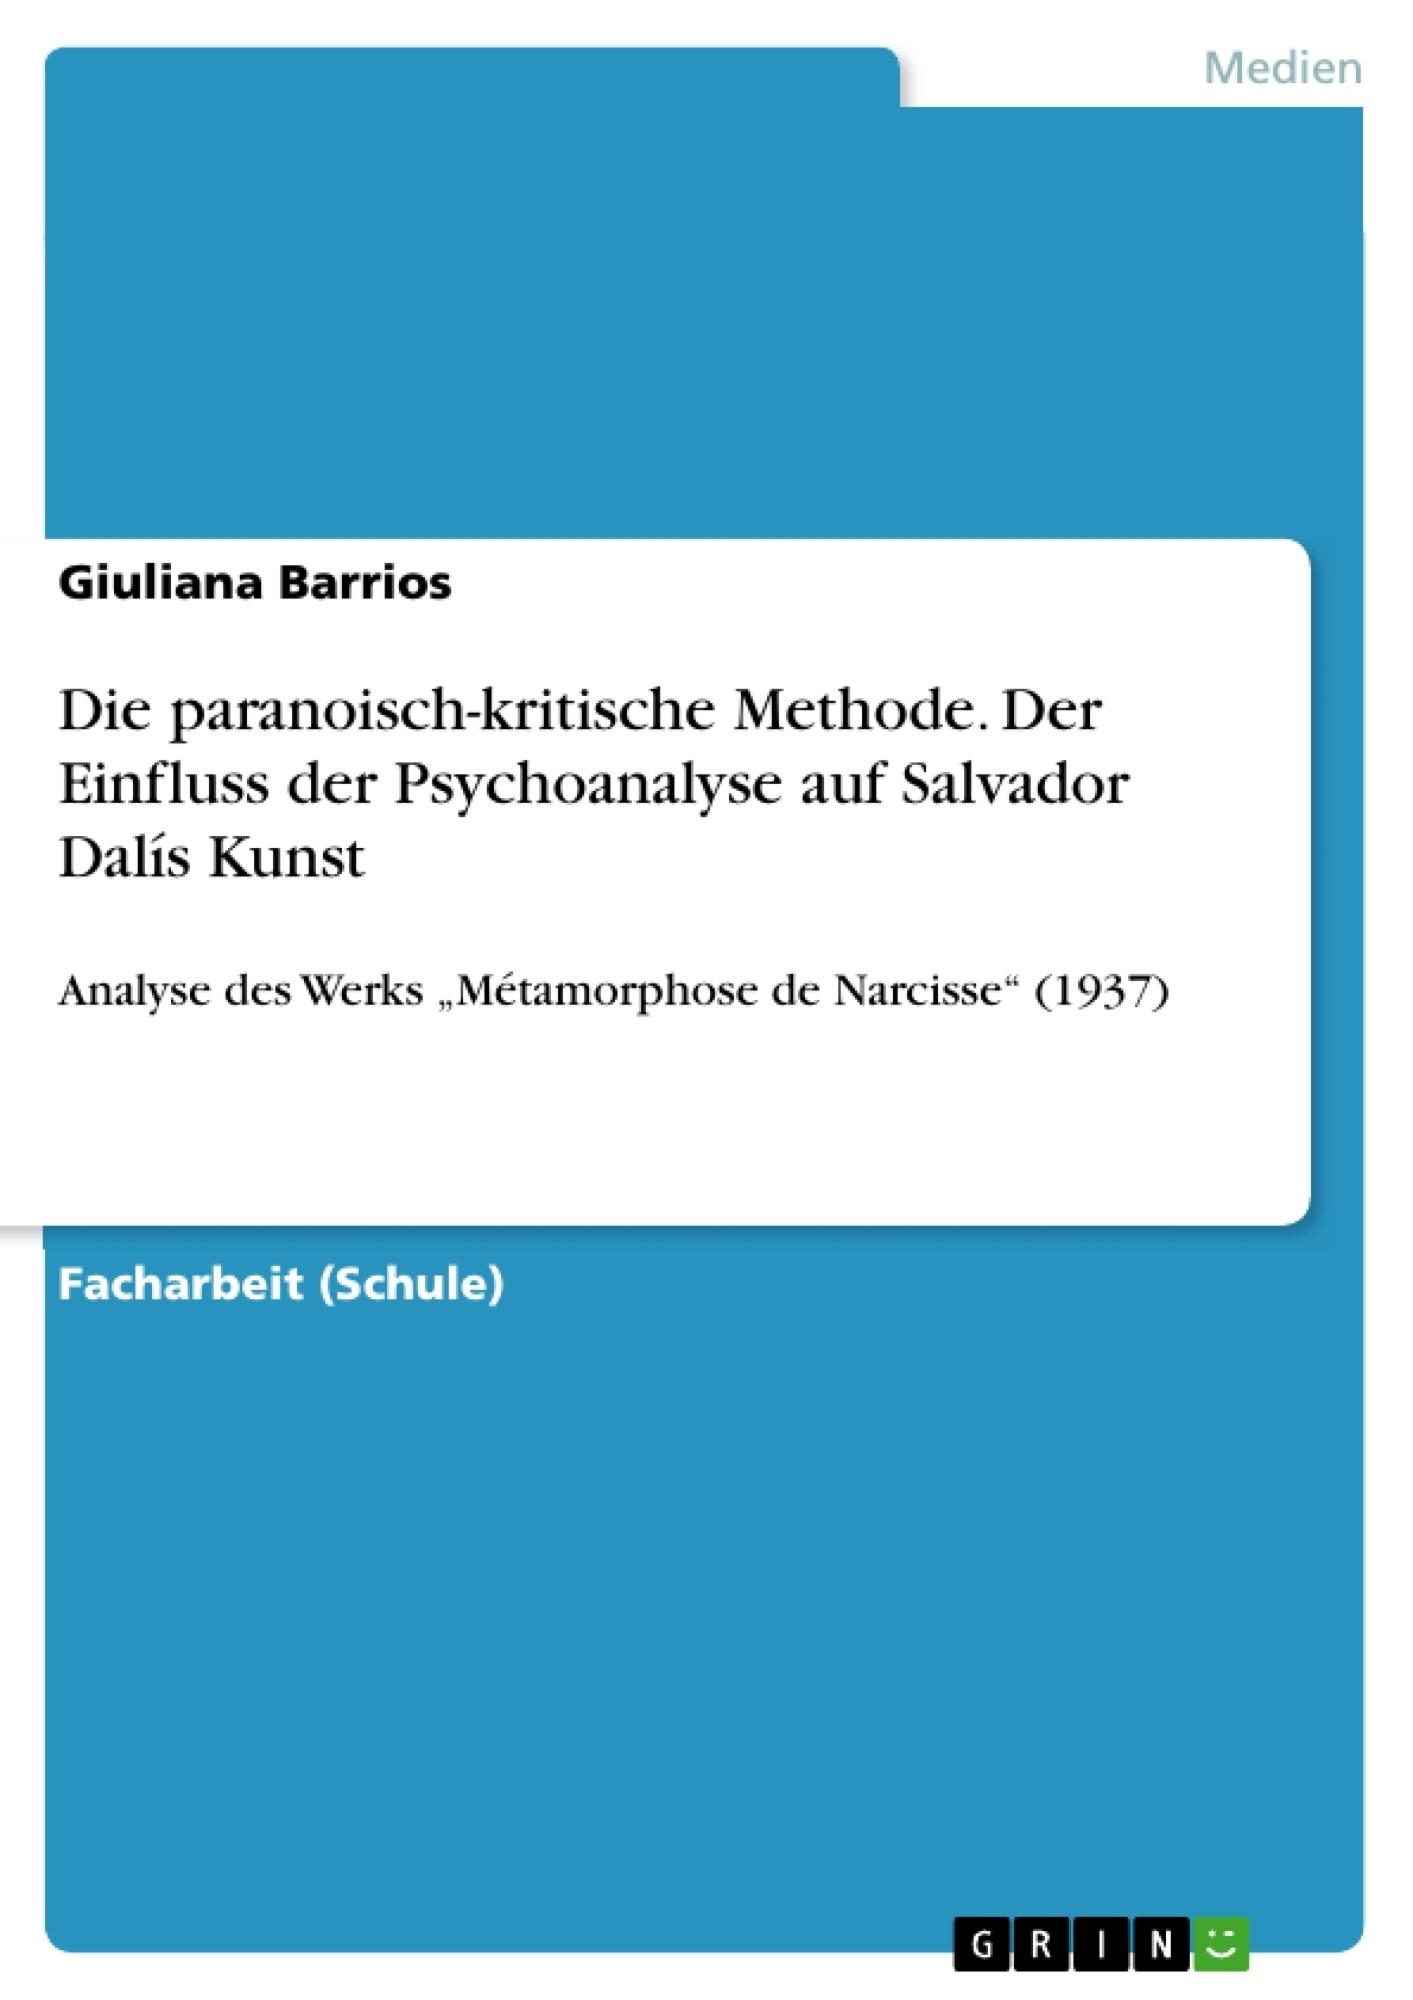 Titel: Die paranoisch-kritische Methode. Der Einfluss der Psychoanalyse auf Salvador Dalís Kunst